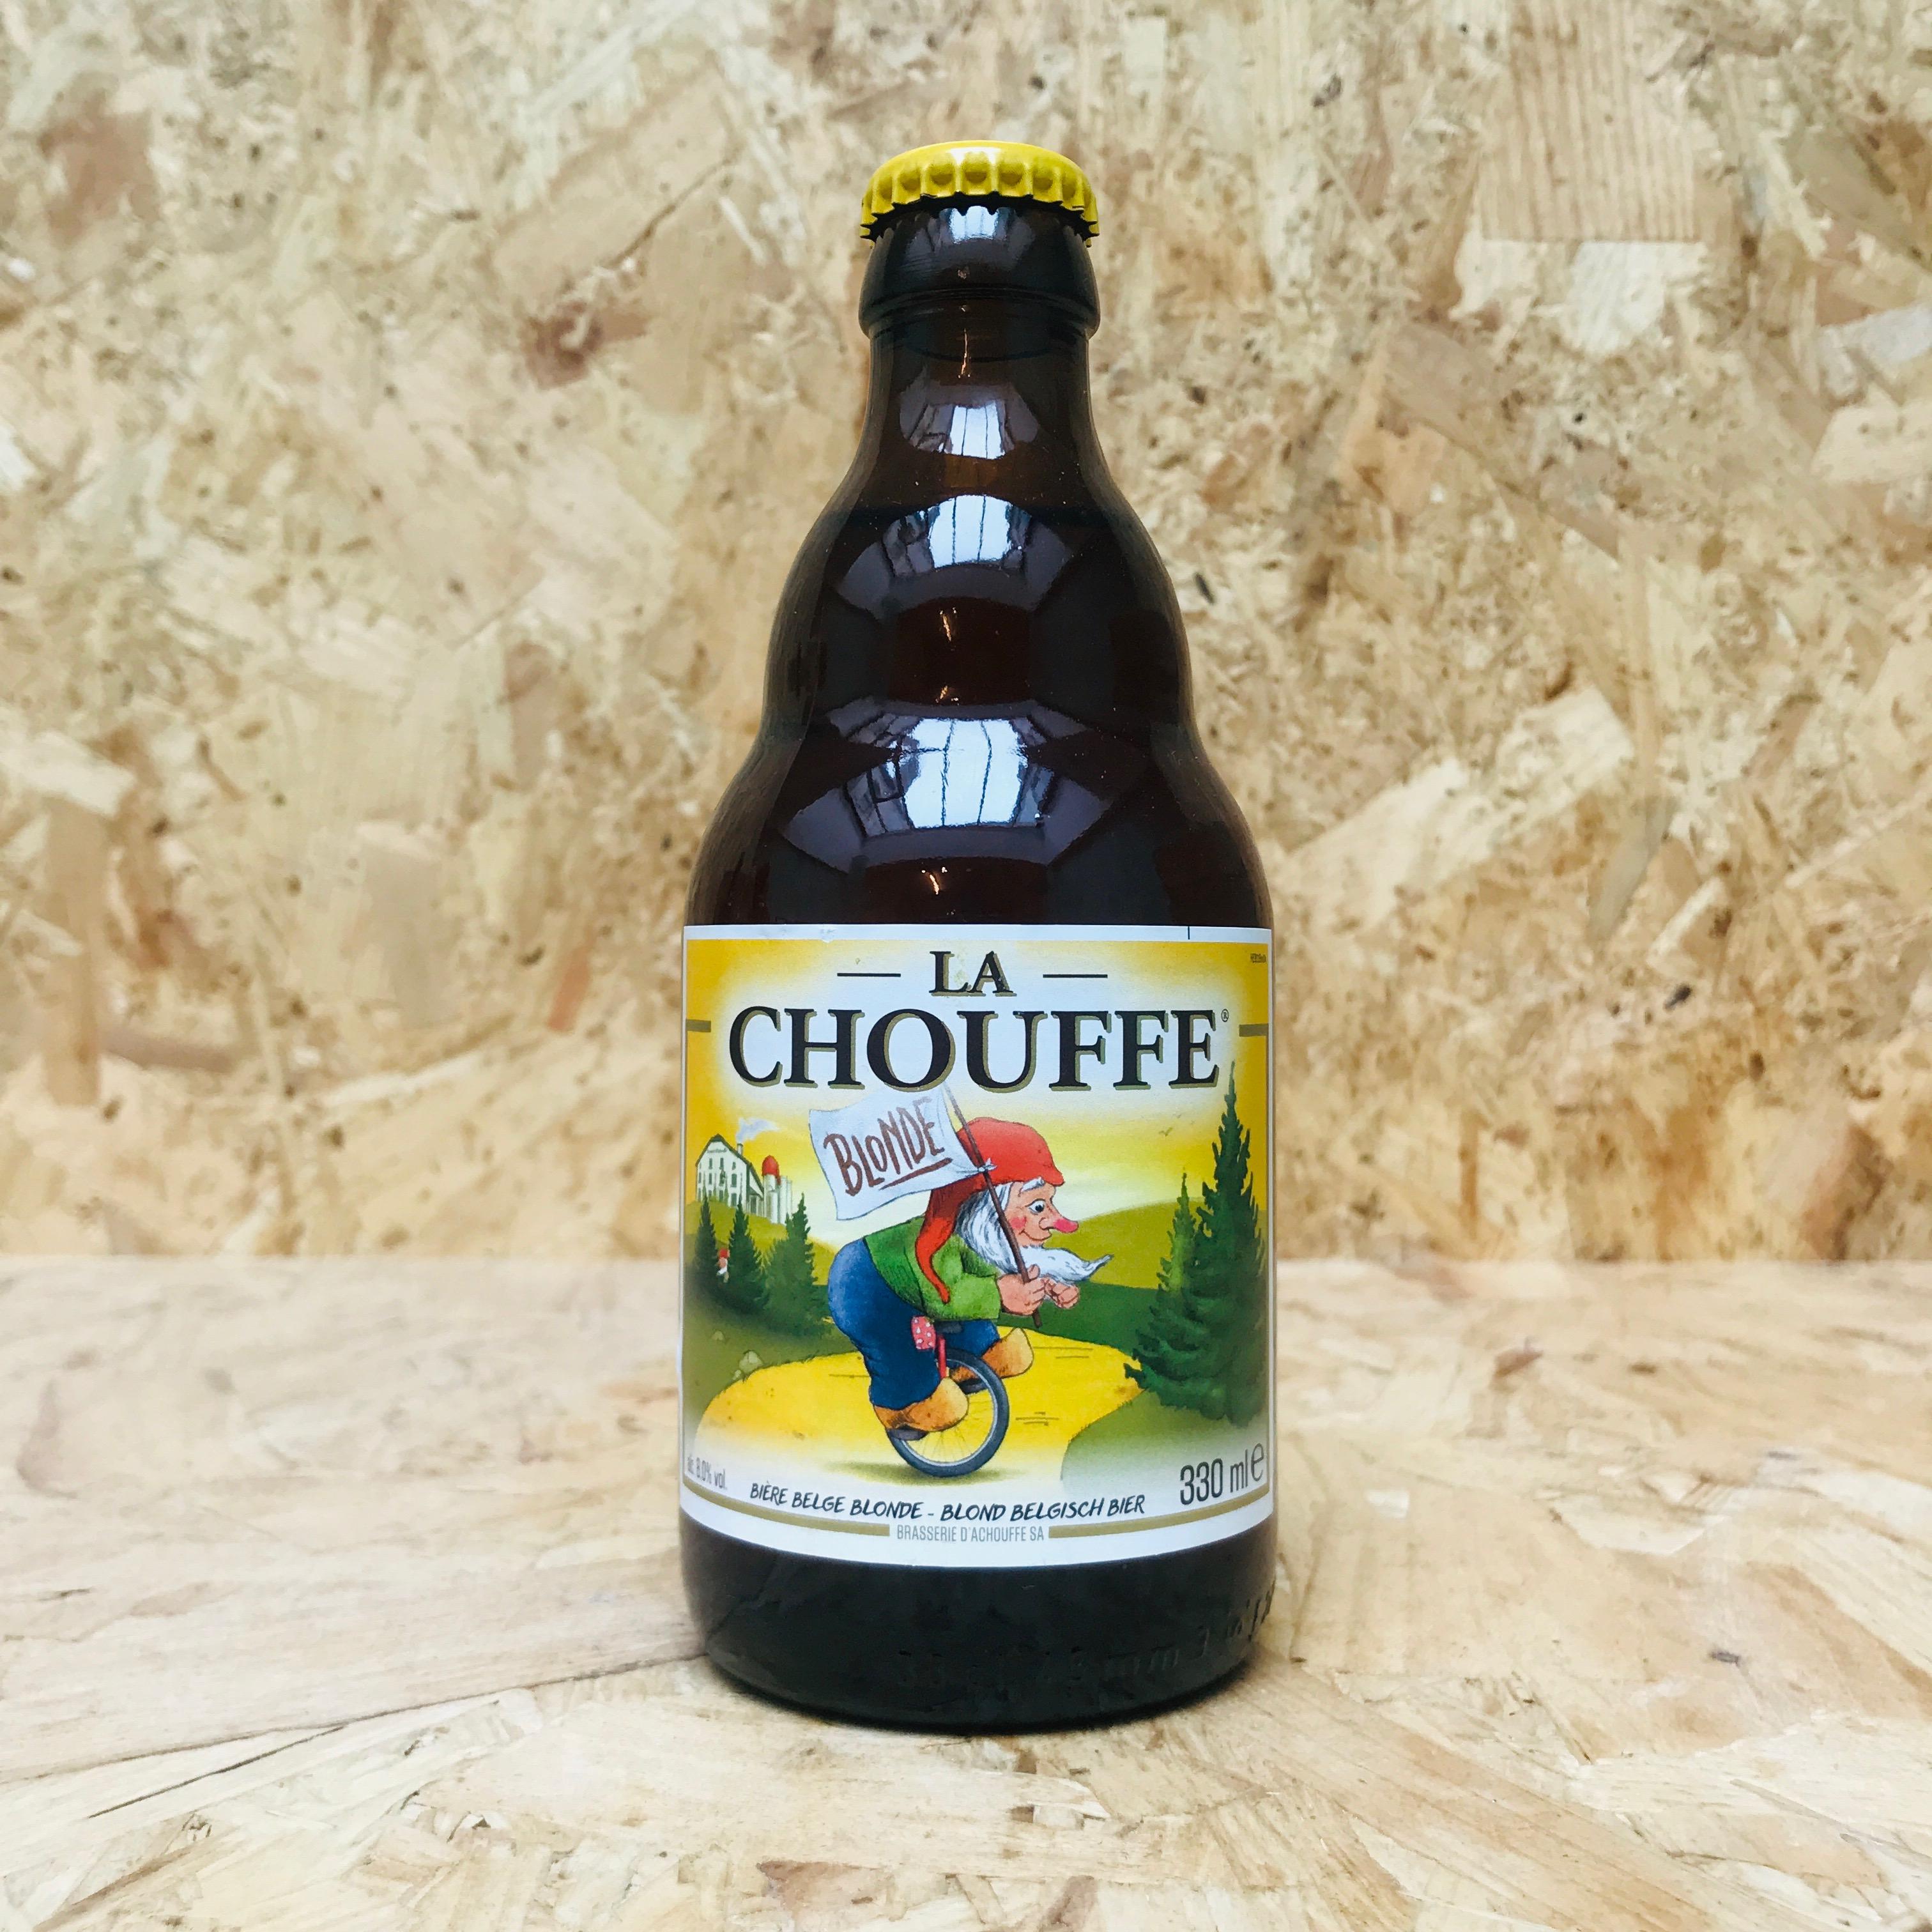 La Chouffe - Blonde